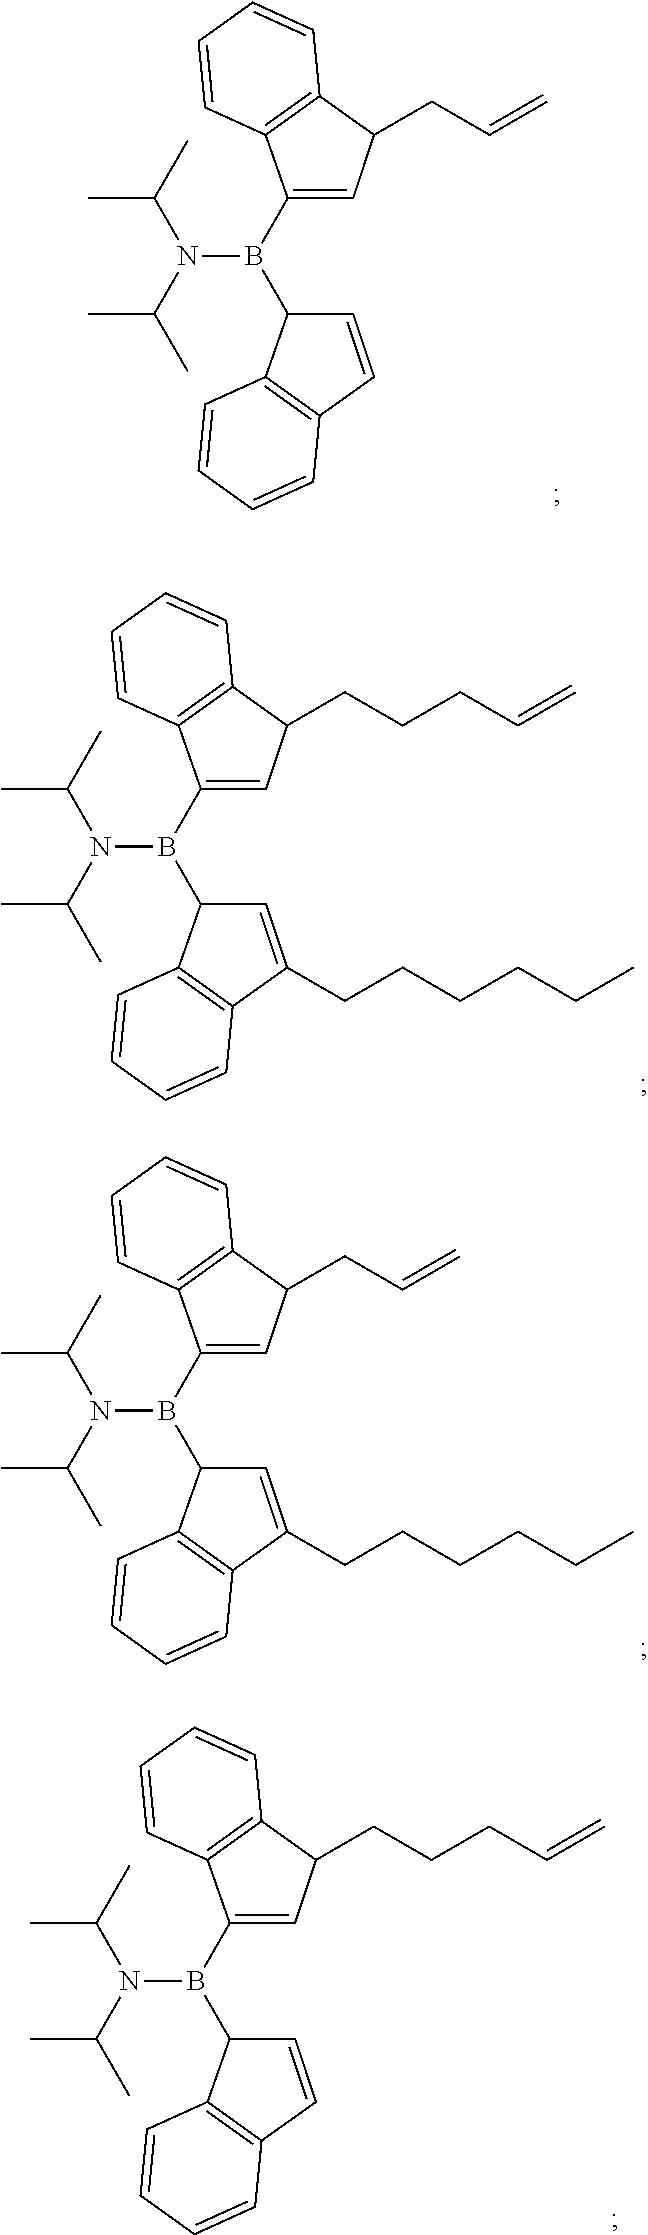 Figure US09303109-20160405-C00008